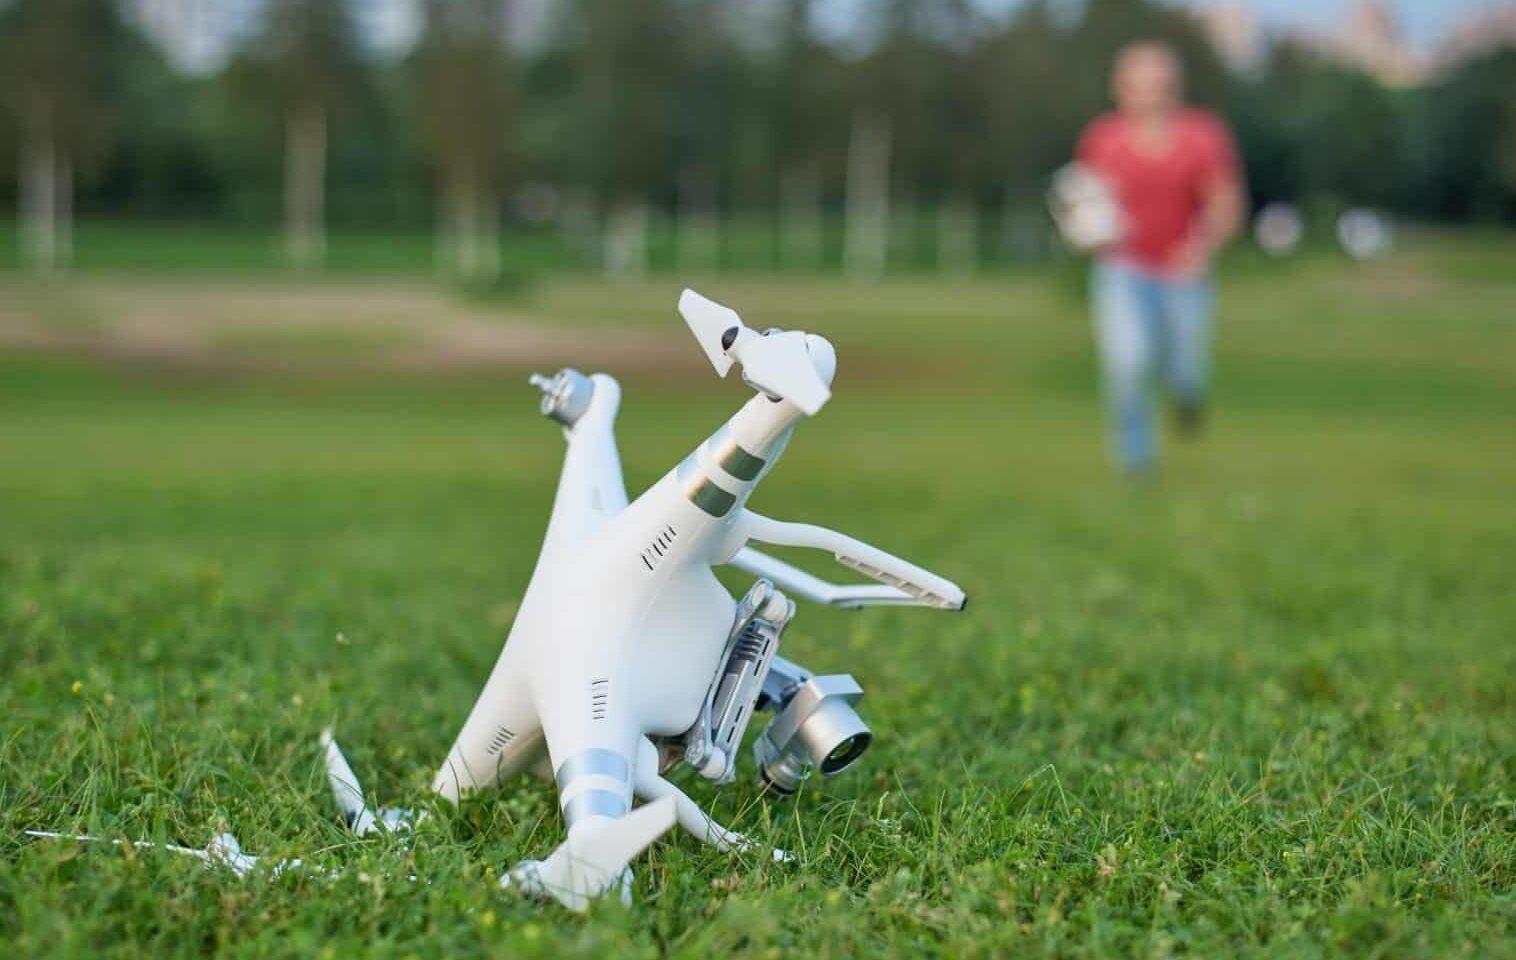 Drone crash - Drone Insurance